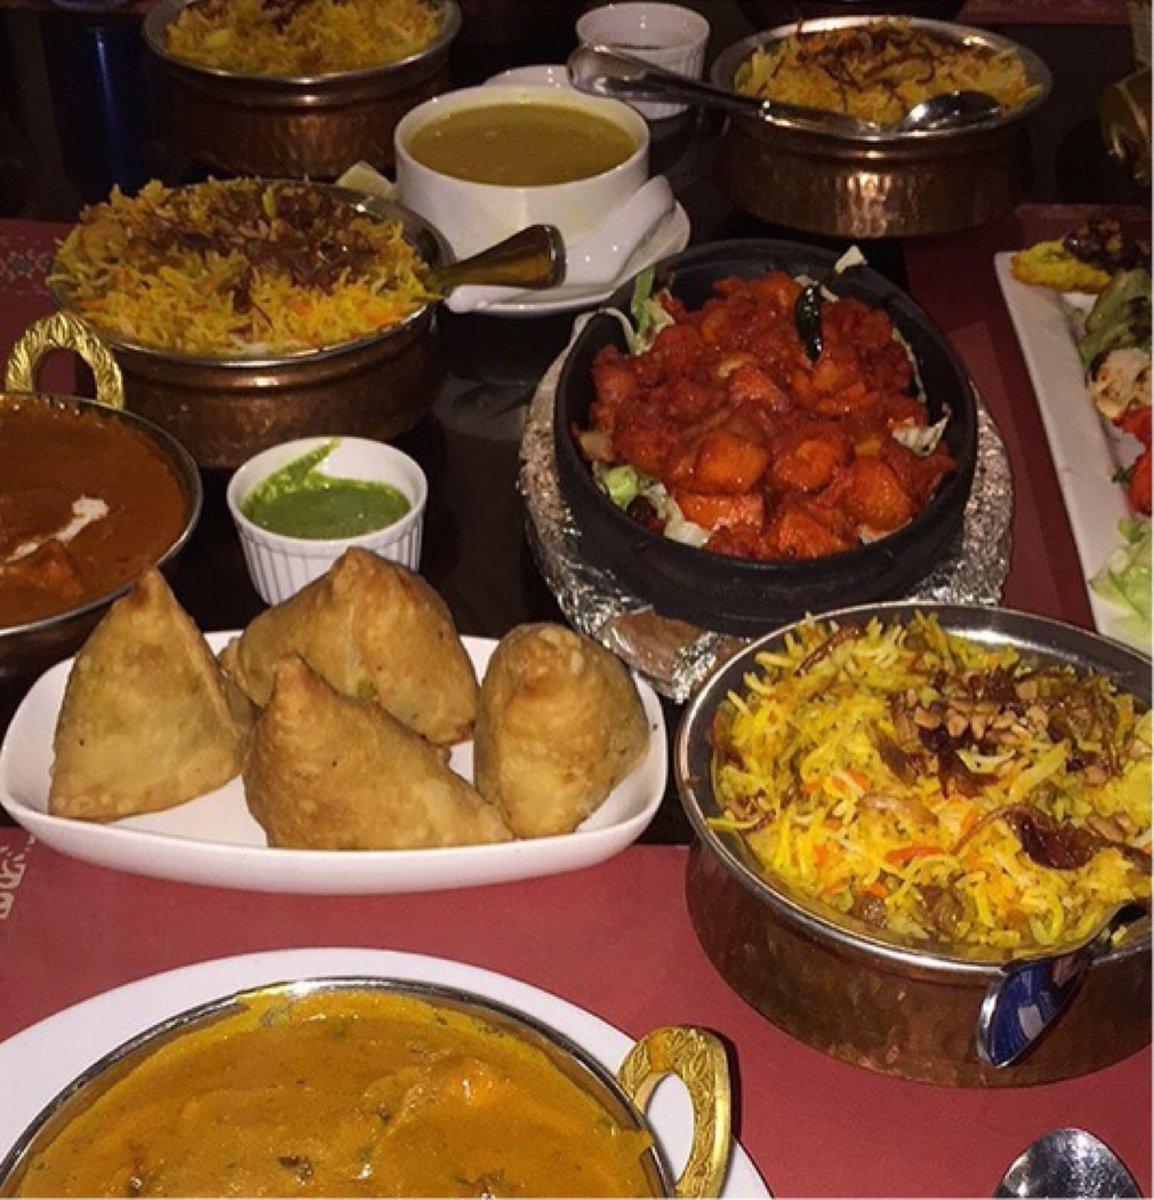 مطاعم وكافيهات جدة V Twitter تبغا أكل هندي ما تنسى طعمه زور مطعم مذاق الزعفران الهندي مطعم في قمة الروووعة والخصوصية اجواء هادئة وطعم ولا اروع واسعار معقولة موقعهم شارع فلسطين حي